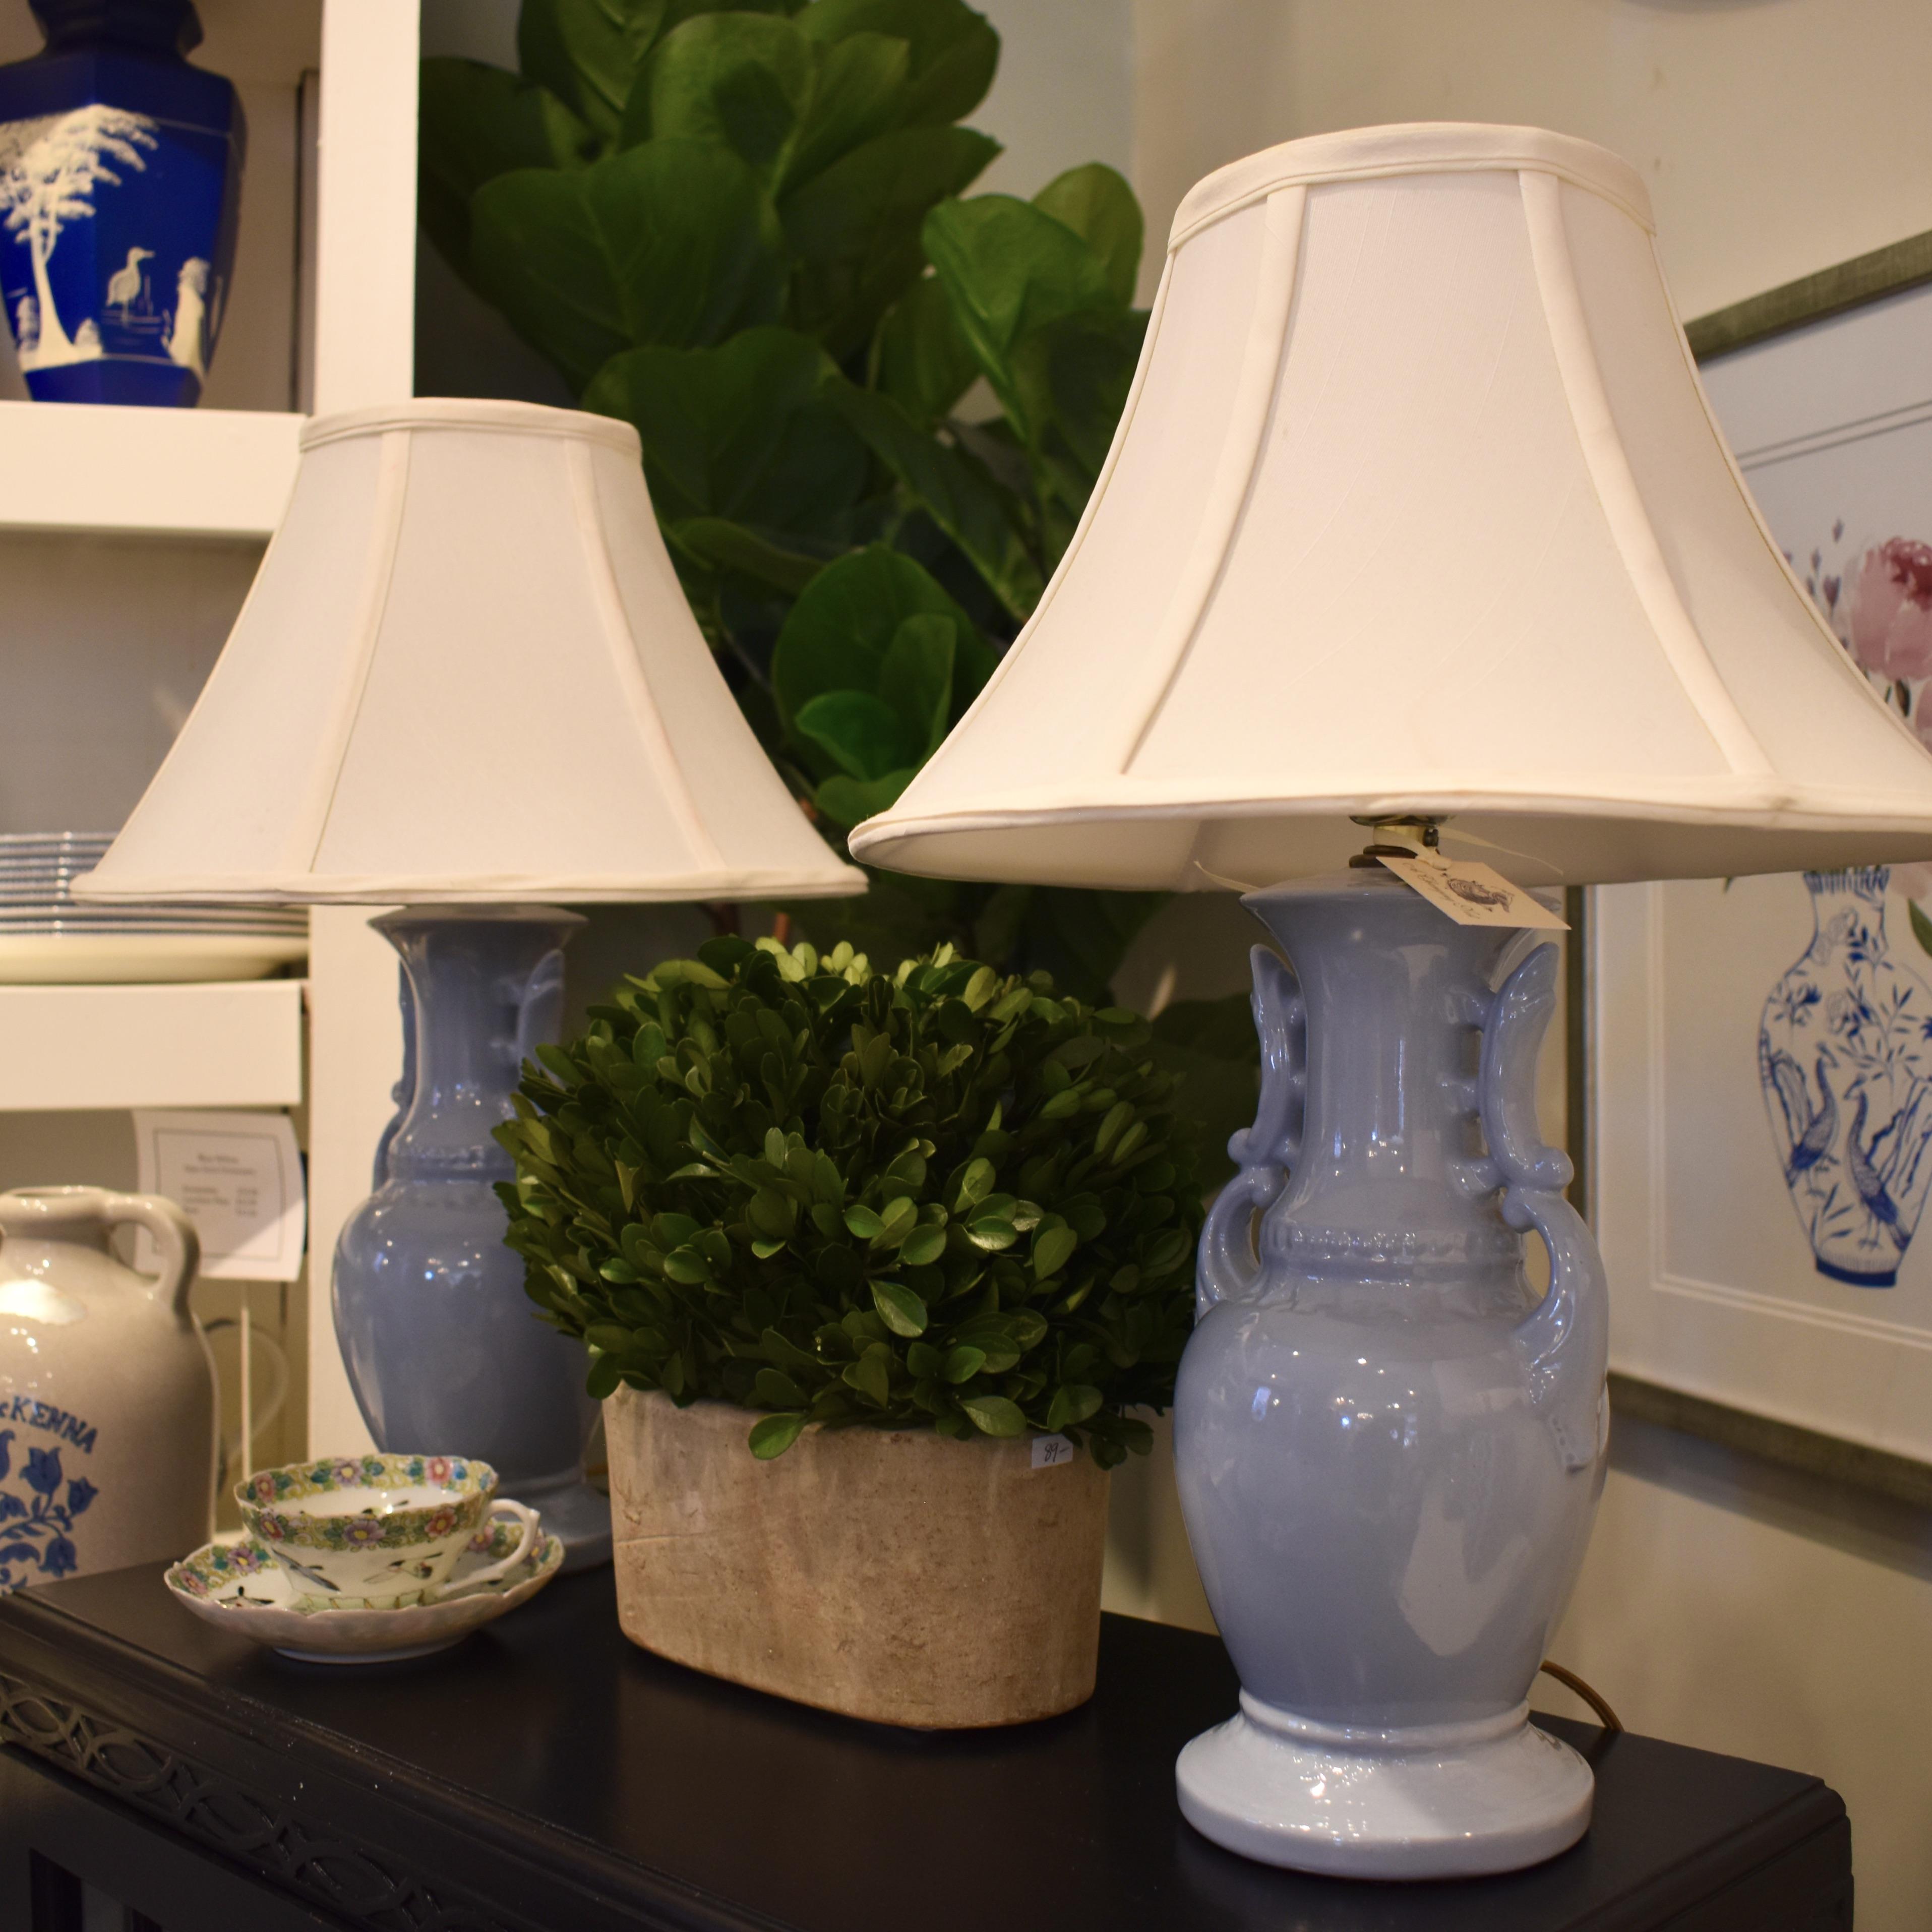 Pair of Vintage Lamps